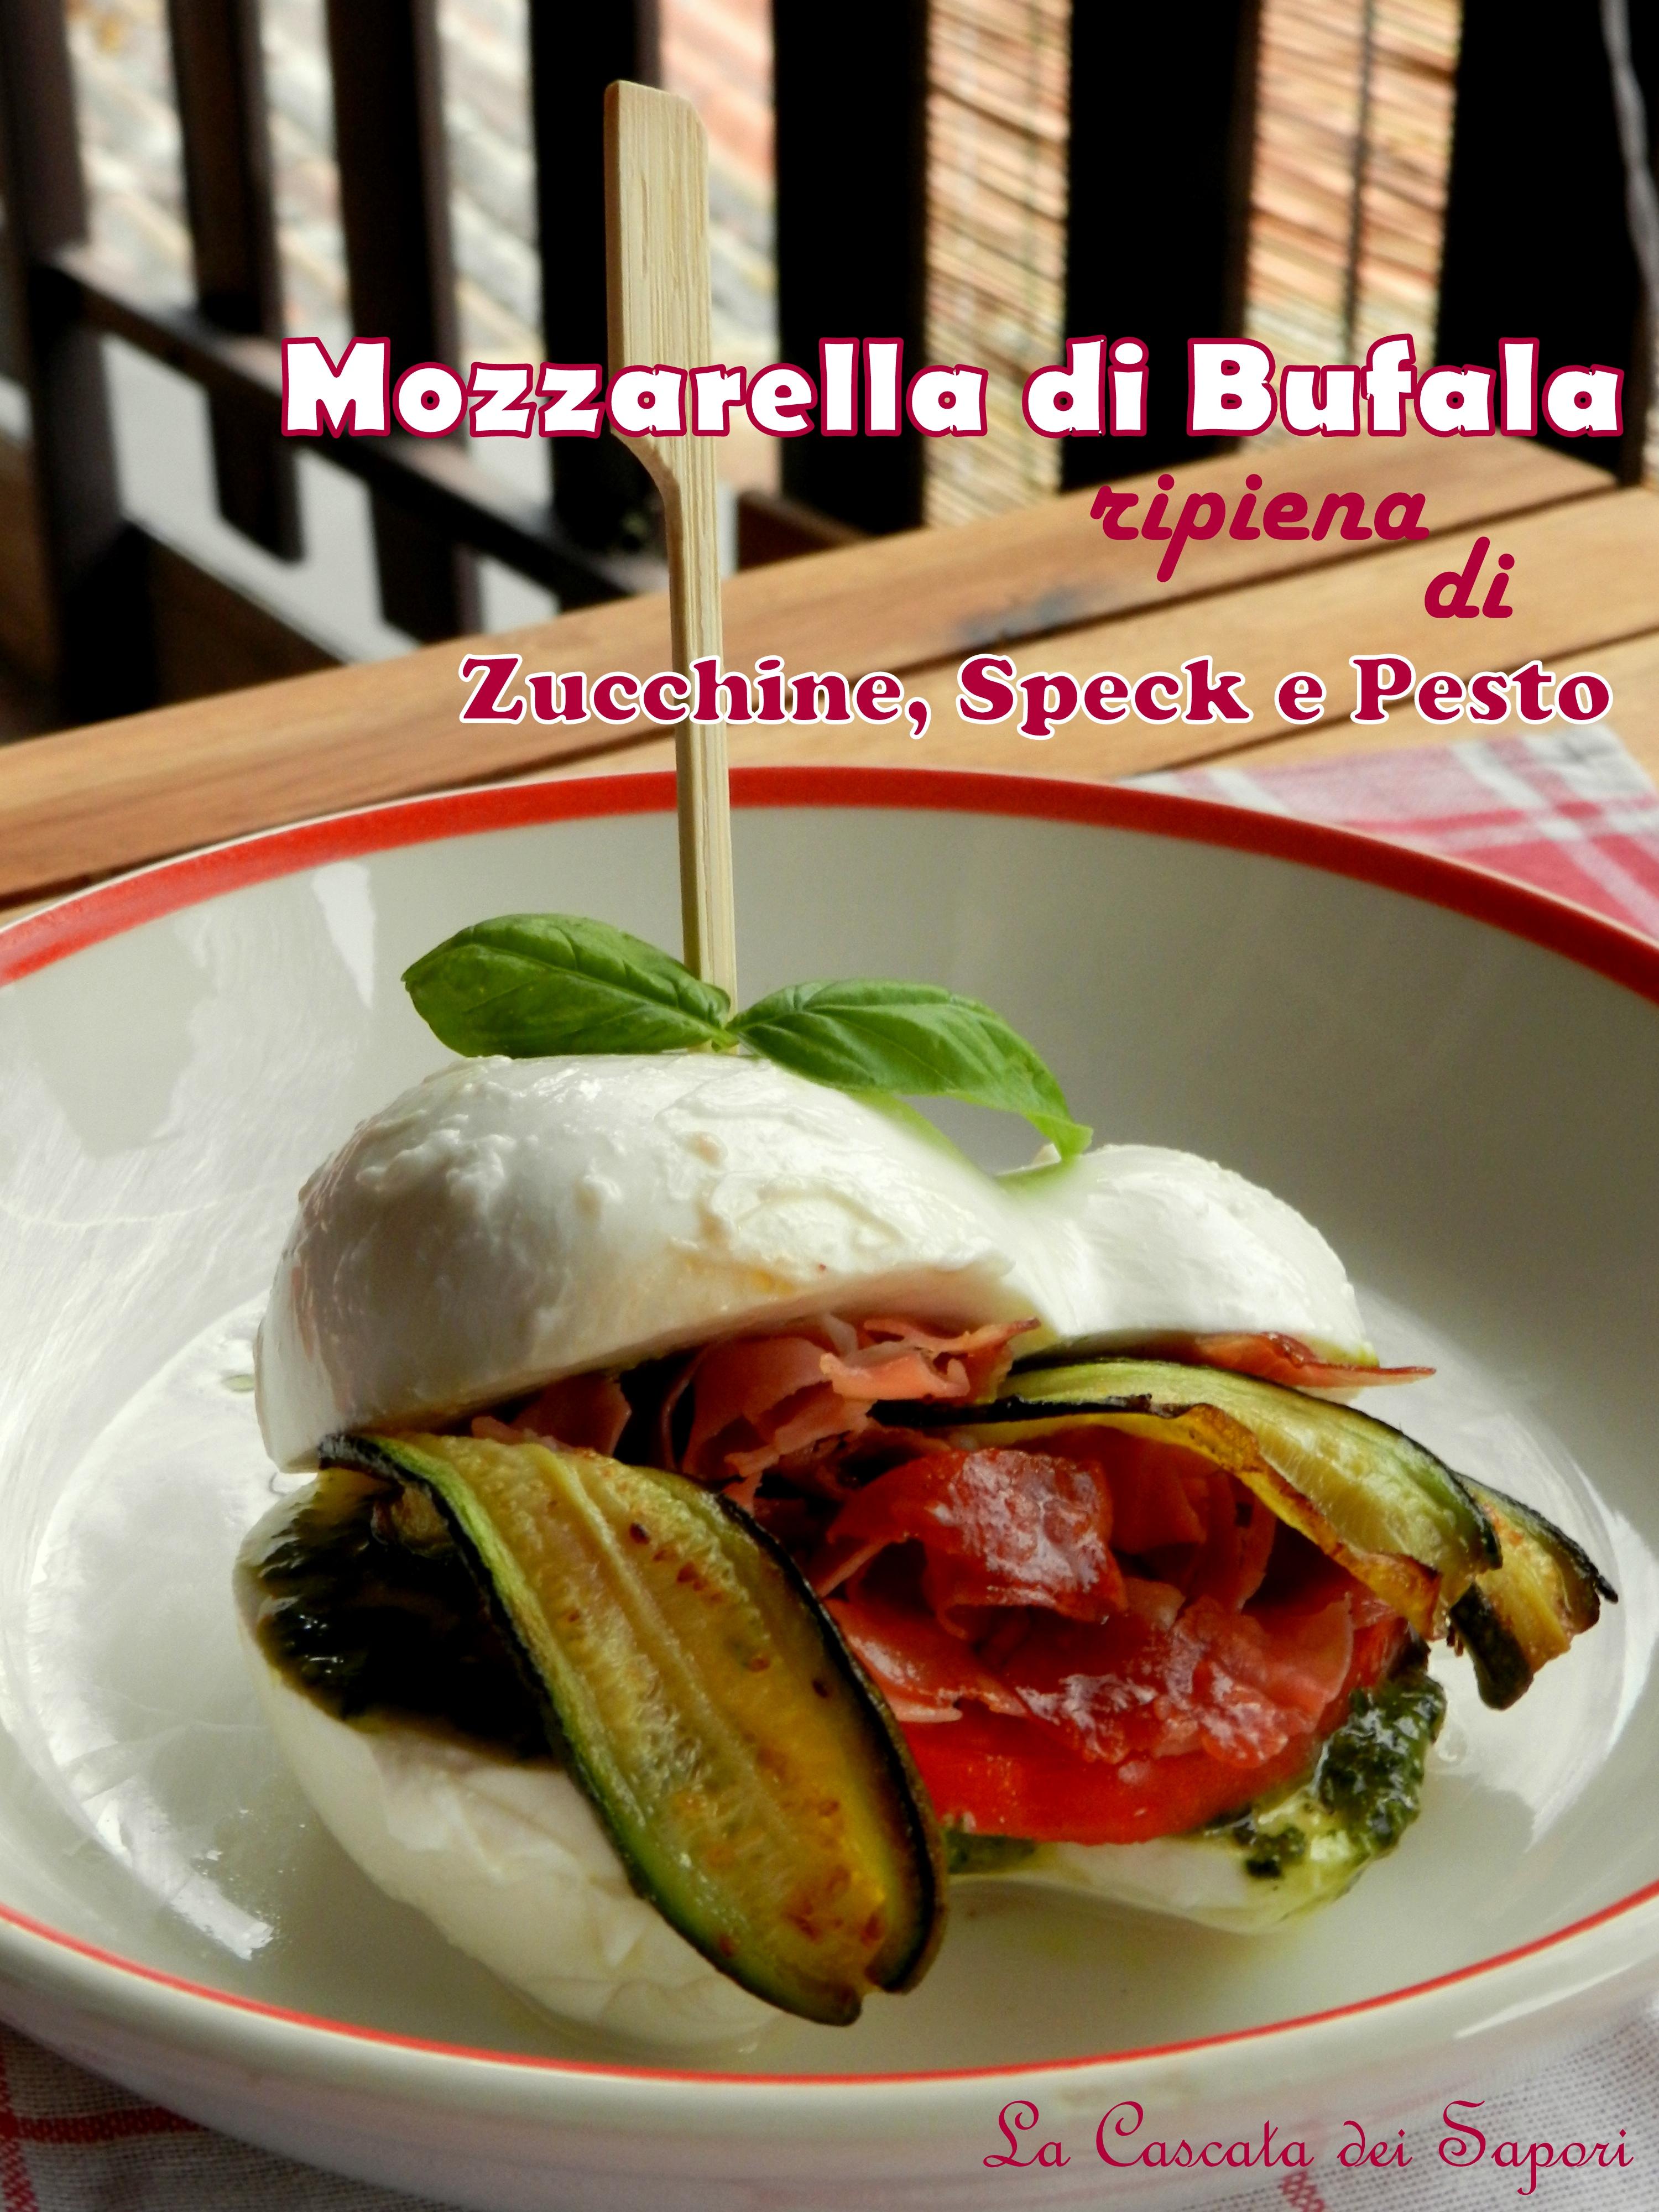 Mozzarella di Bufala ripiena di zucchine, speck e pesto